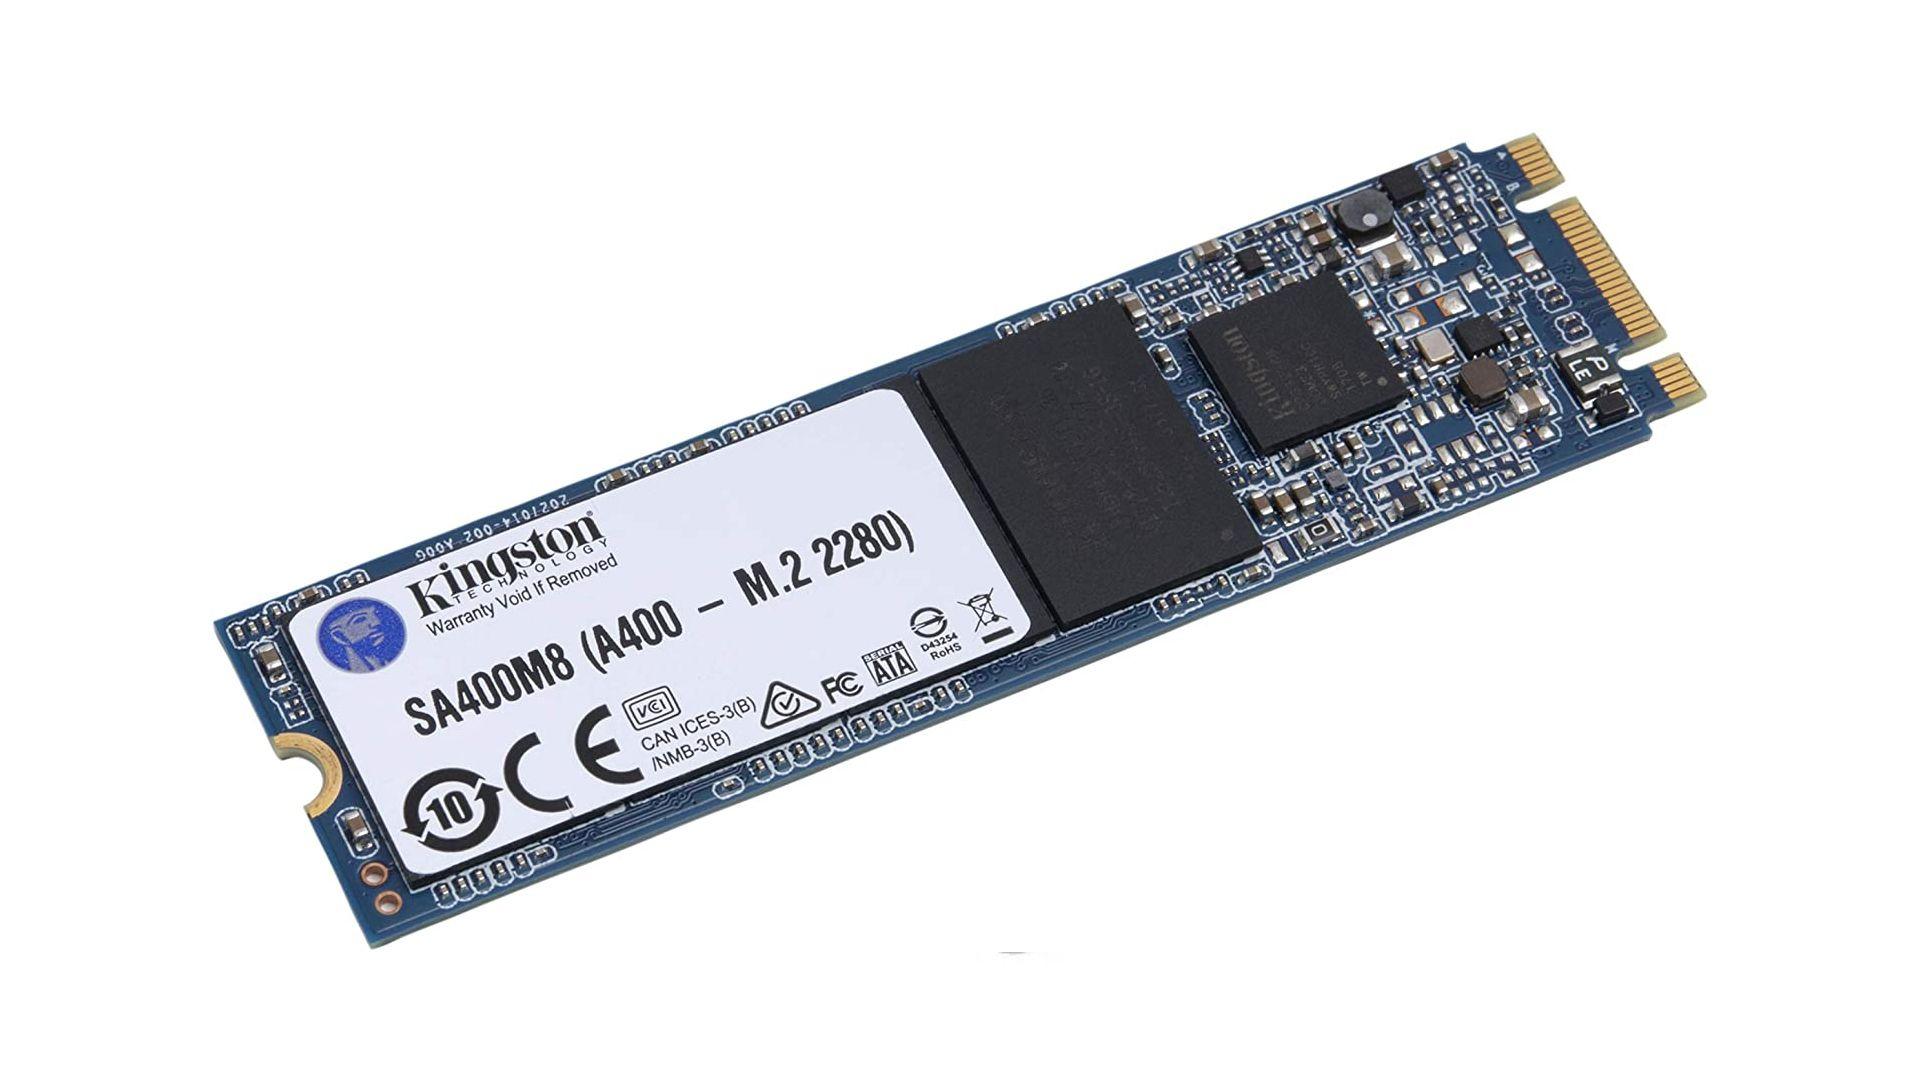 O SSD KIngston A400 garante velocidade de leitura e gravação de 500MB/s e 320MB/s. (Fonte: Reprodução)